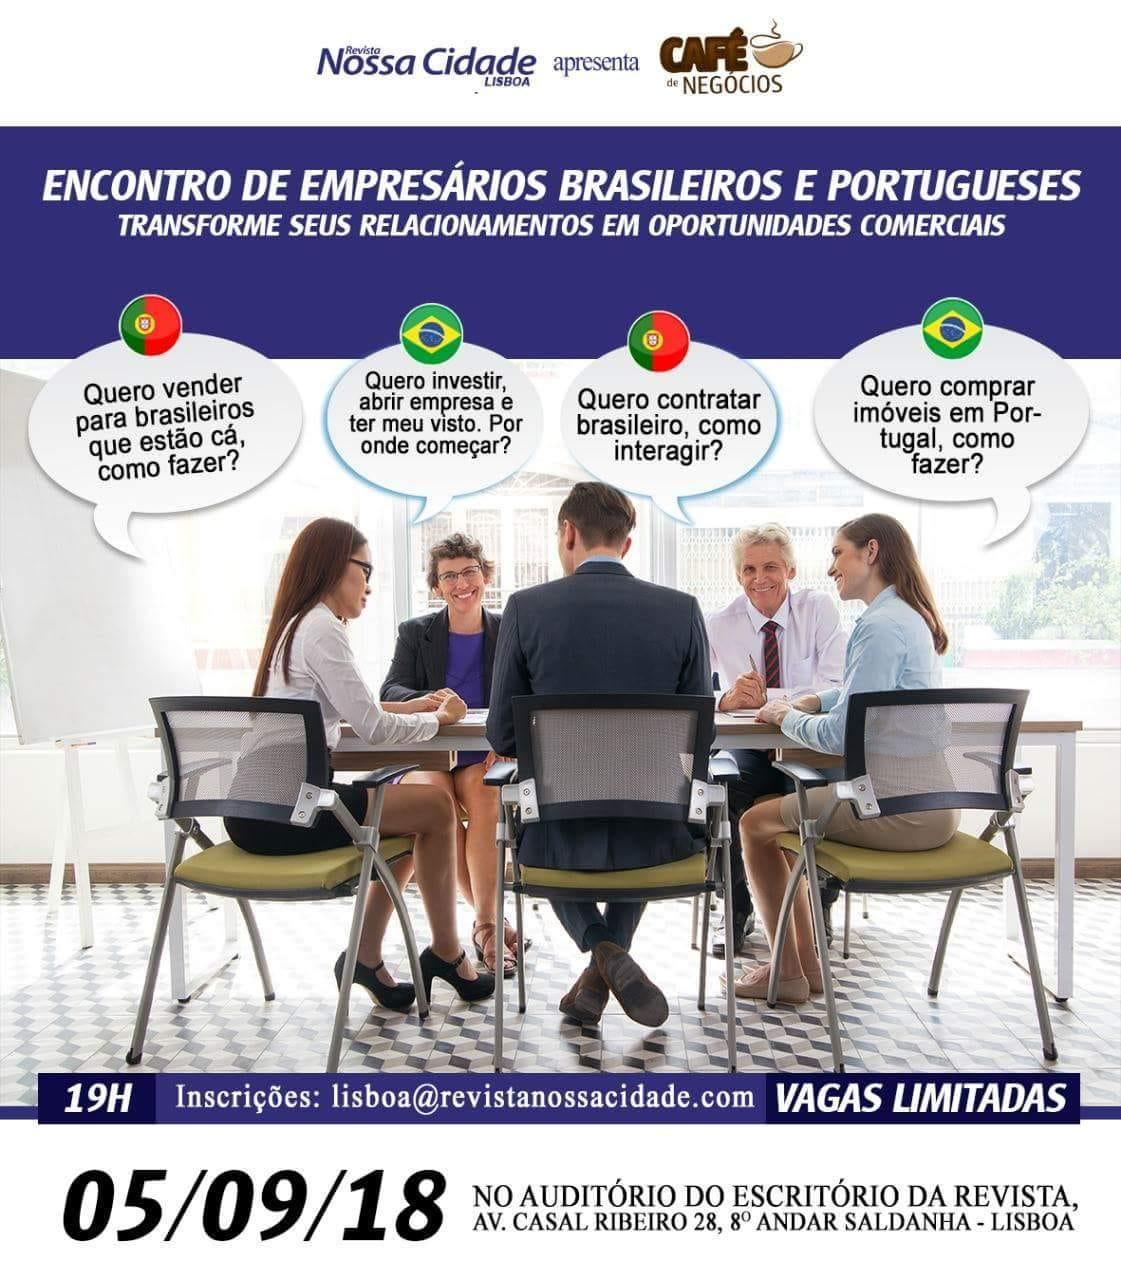 Networking e Negócios em Portugal